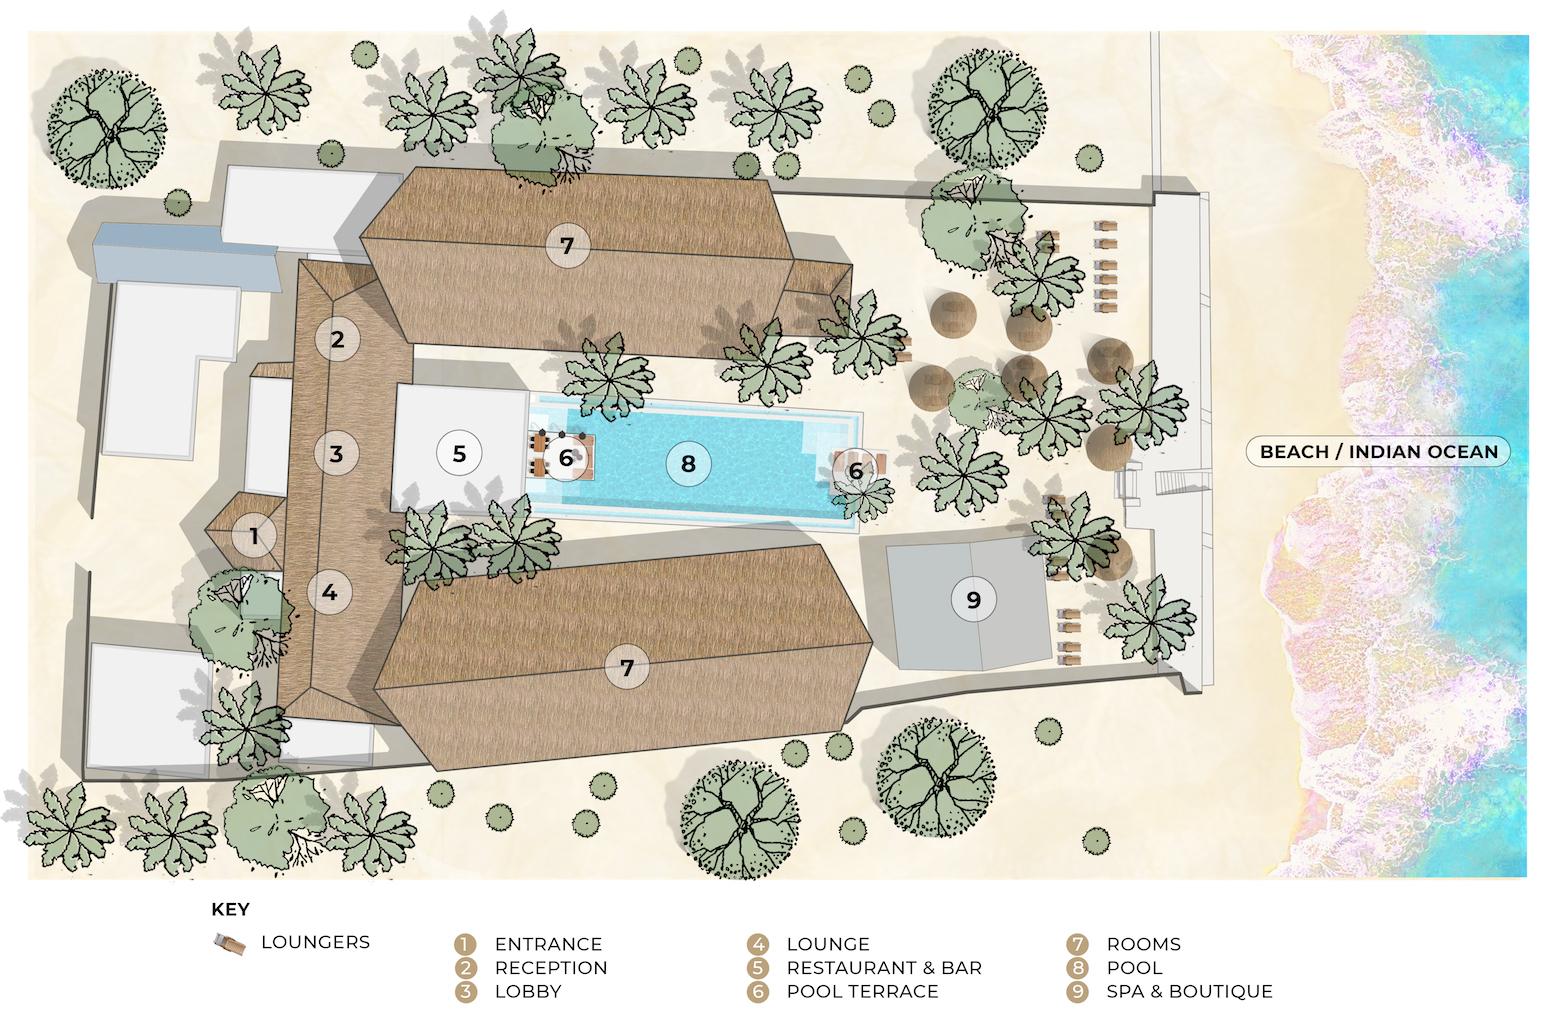 Casa Beach Hotel site map